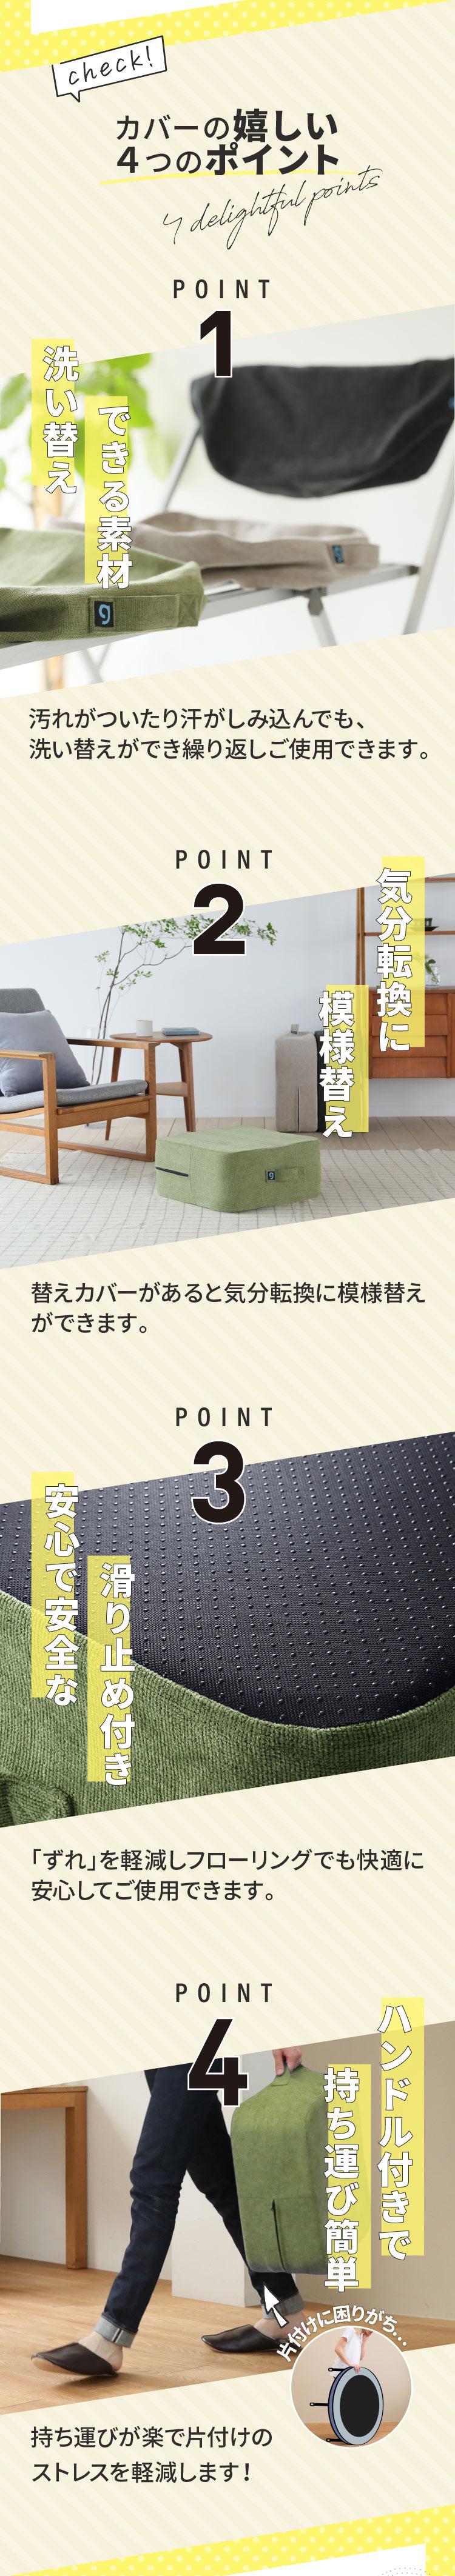 嬉しい4つのポイント 1.洗い替えできる素材 2.気分転換に模様替え 3.安心で安全なすべり止め付き 4.ハンドル付きで持ち運び簡単